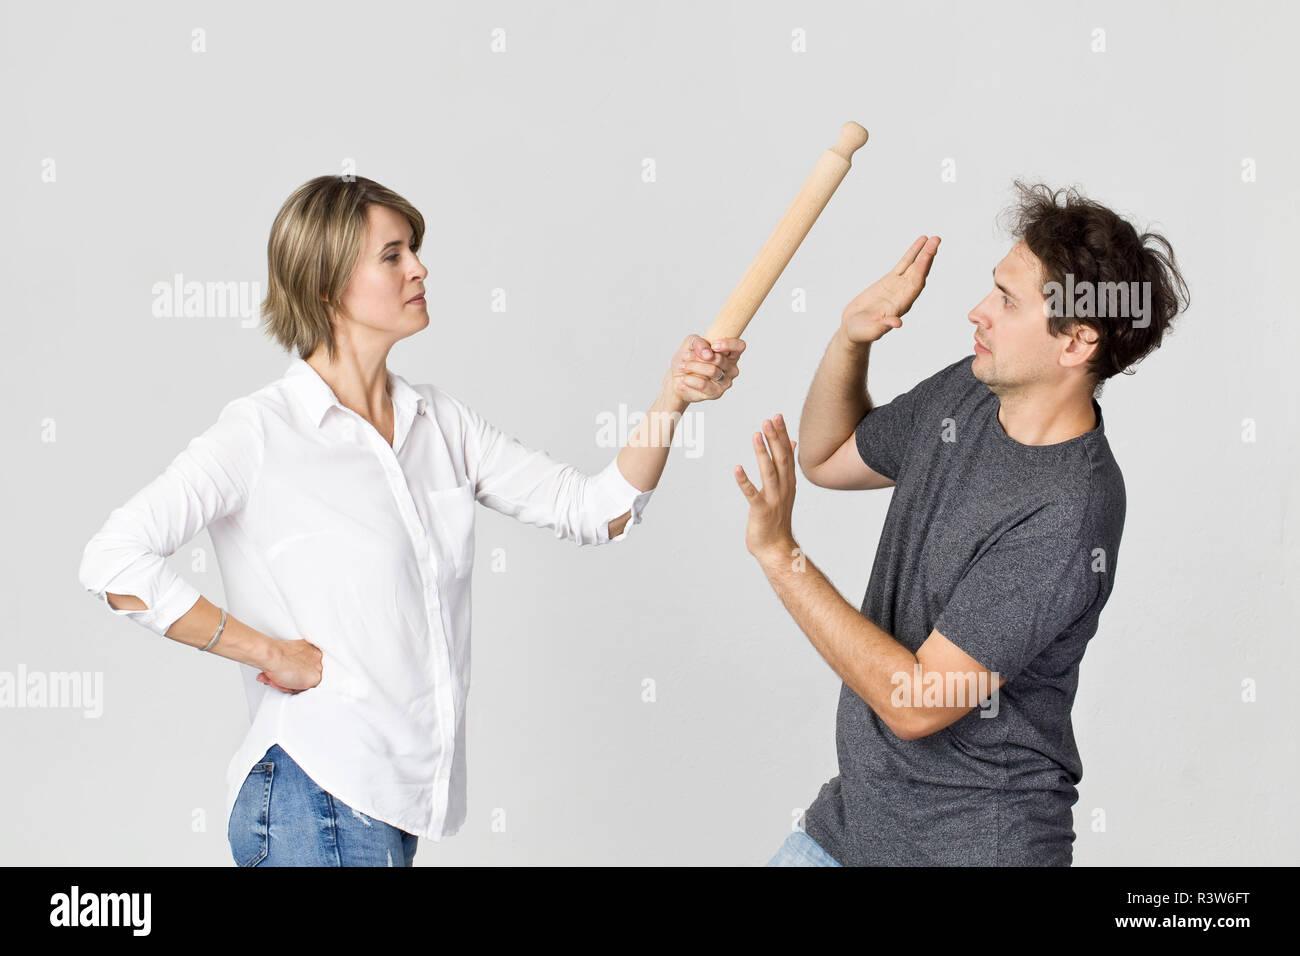 Frauen suchen männer baxkpage fort w